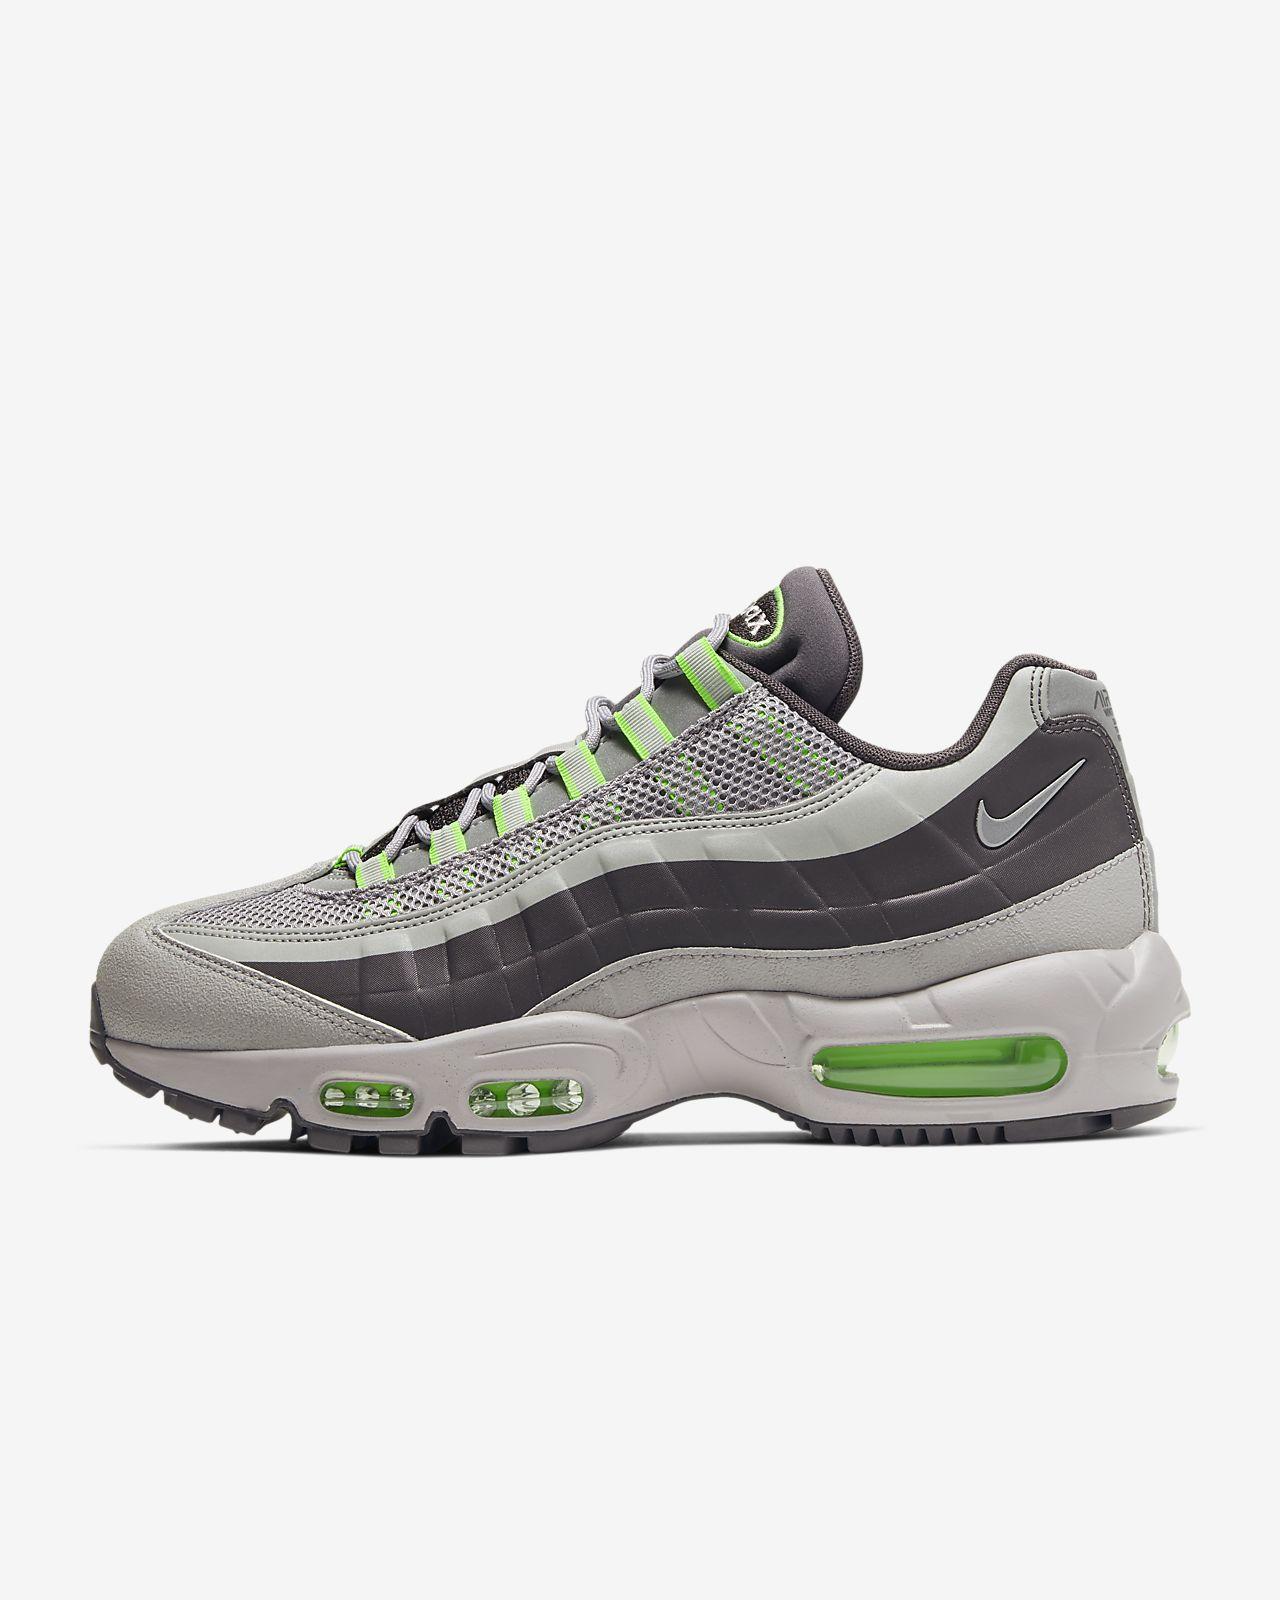 air max shoes 95